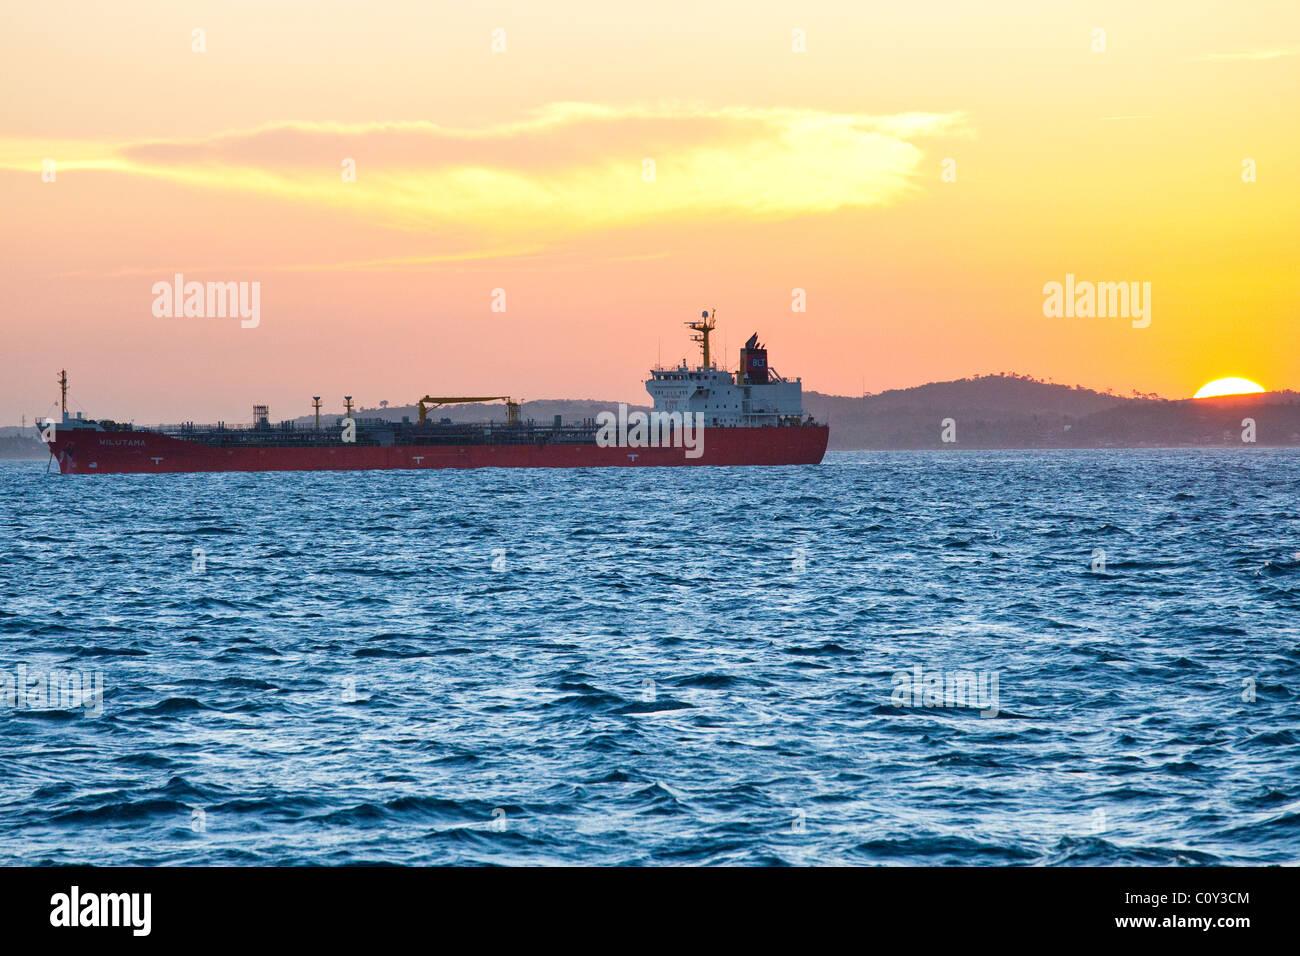 Tanker in Baia de Todos os Santos or Bay of all Saints, Salvador, Brazil - Stock Image